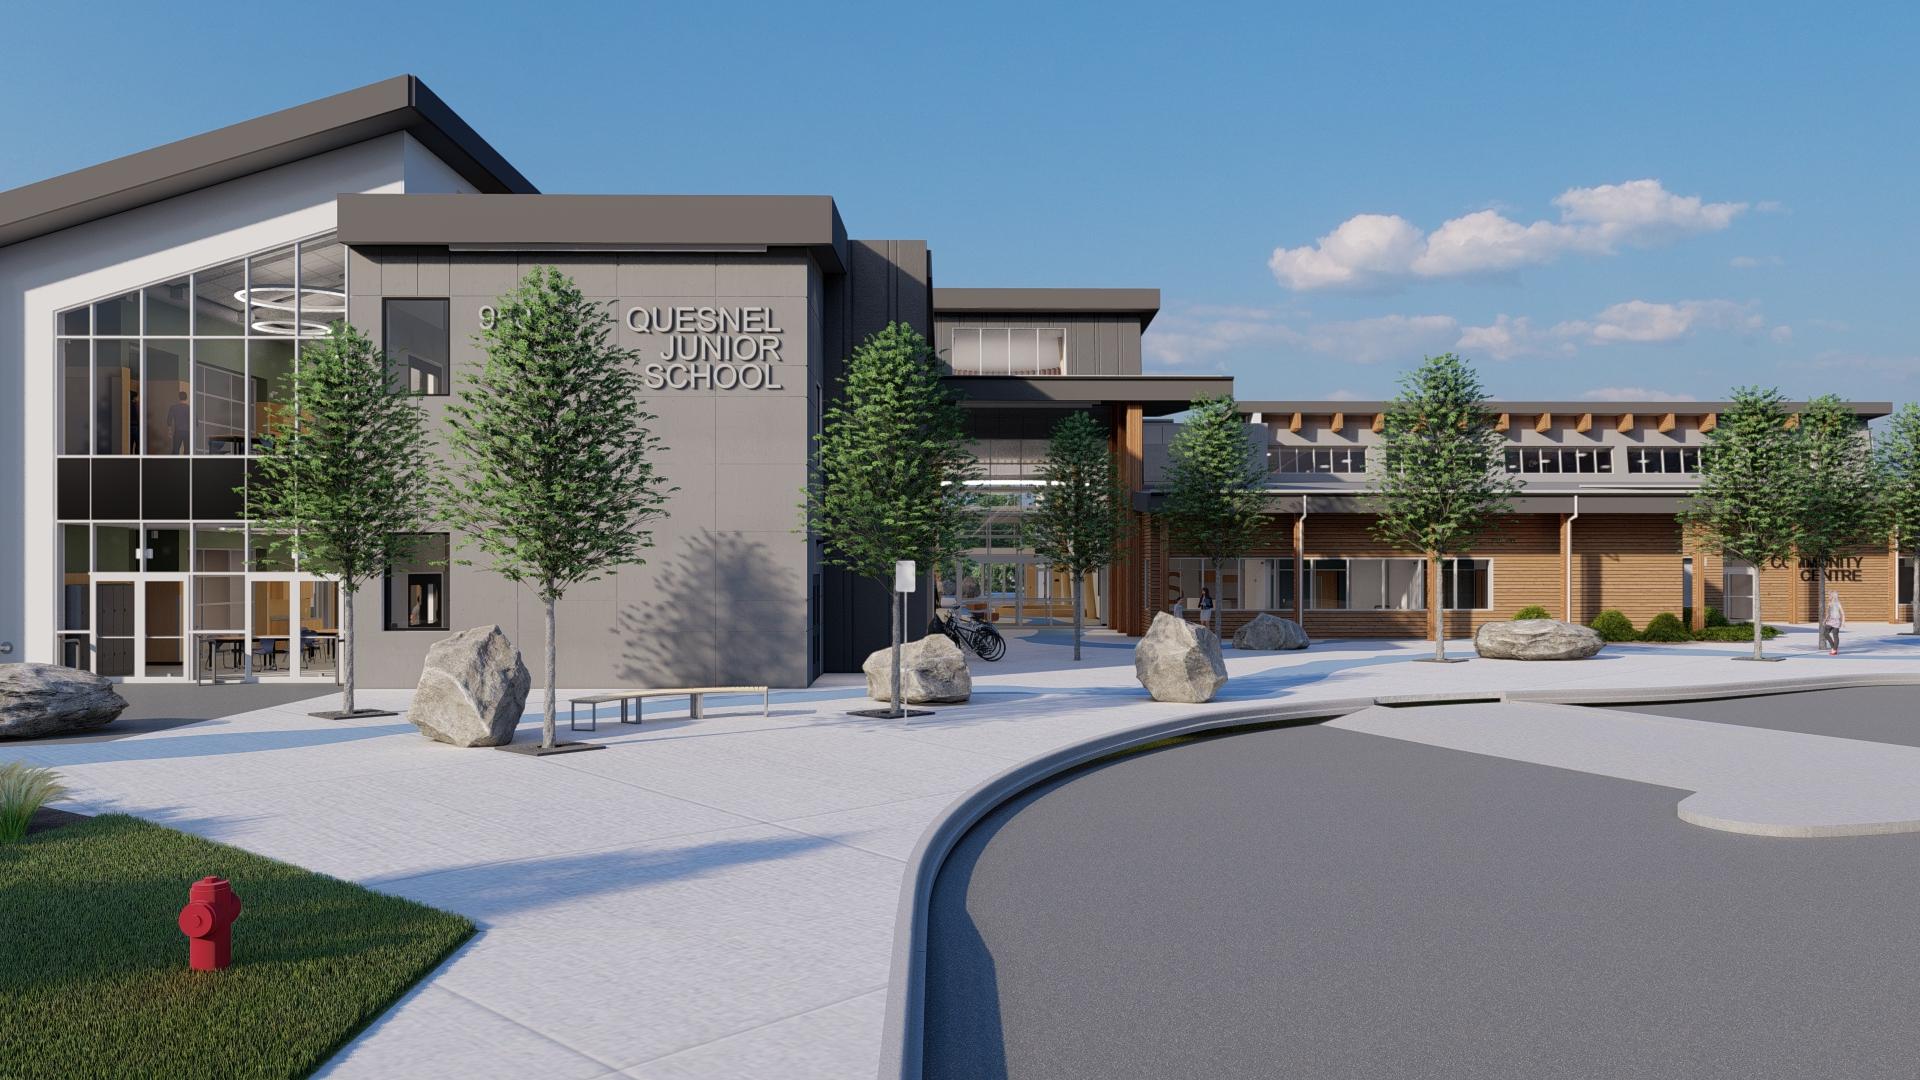 Quesnel Junior School Exterior Architect Rendering